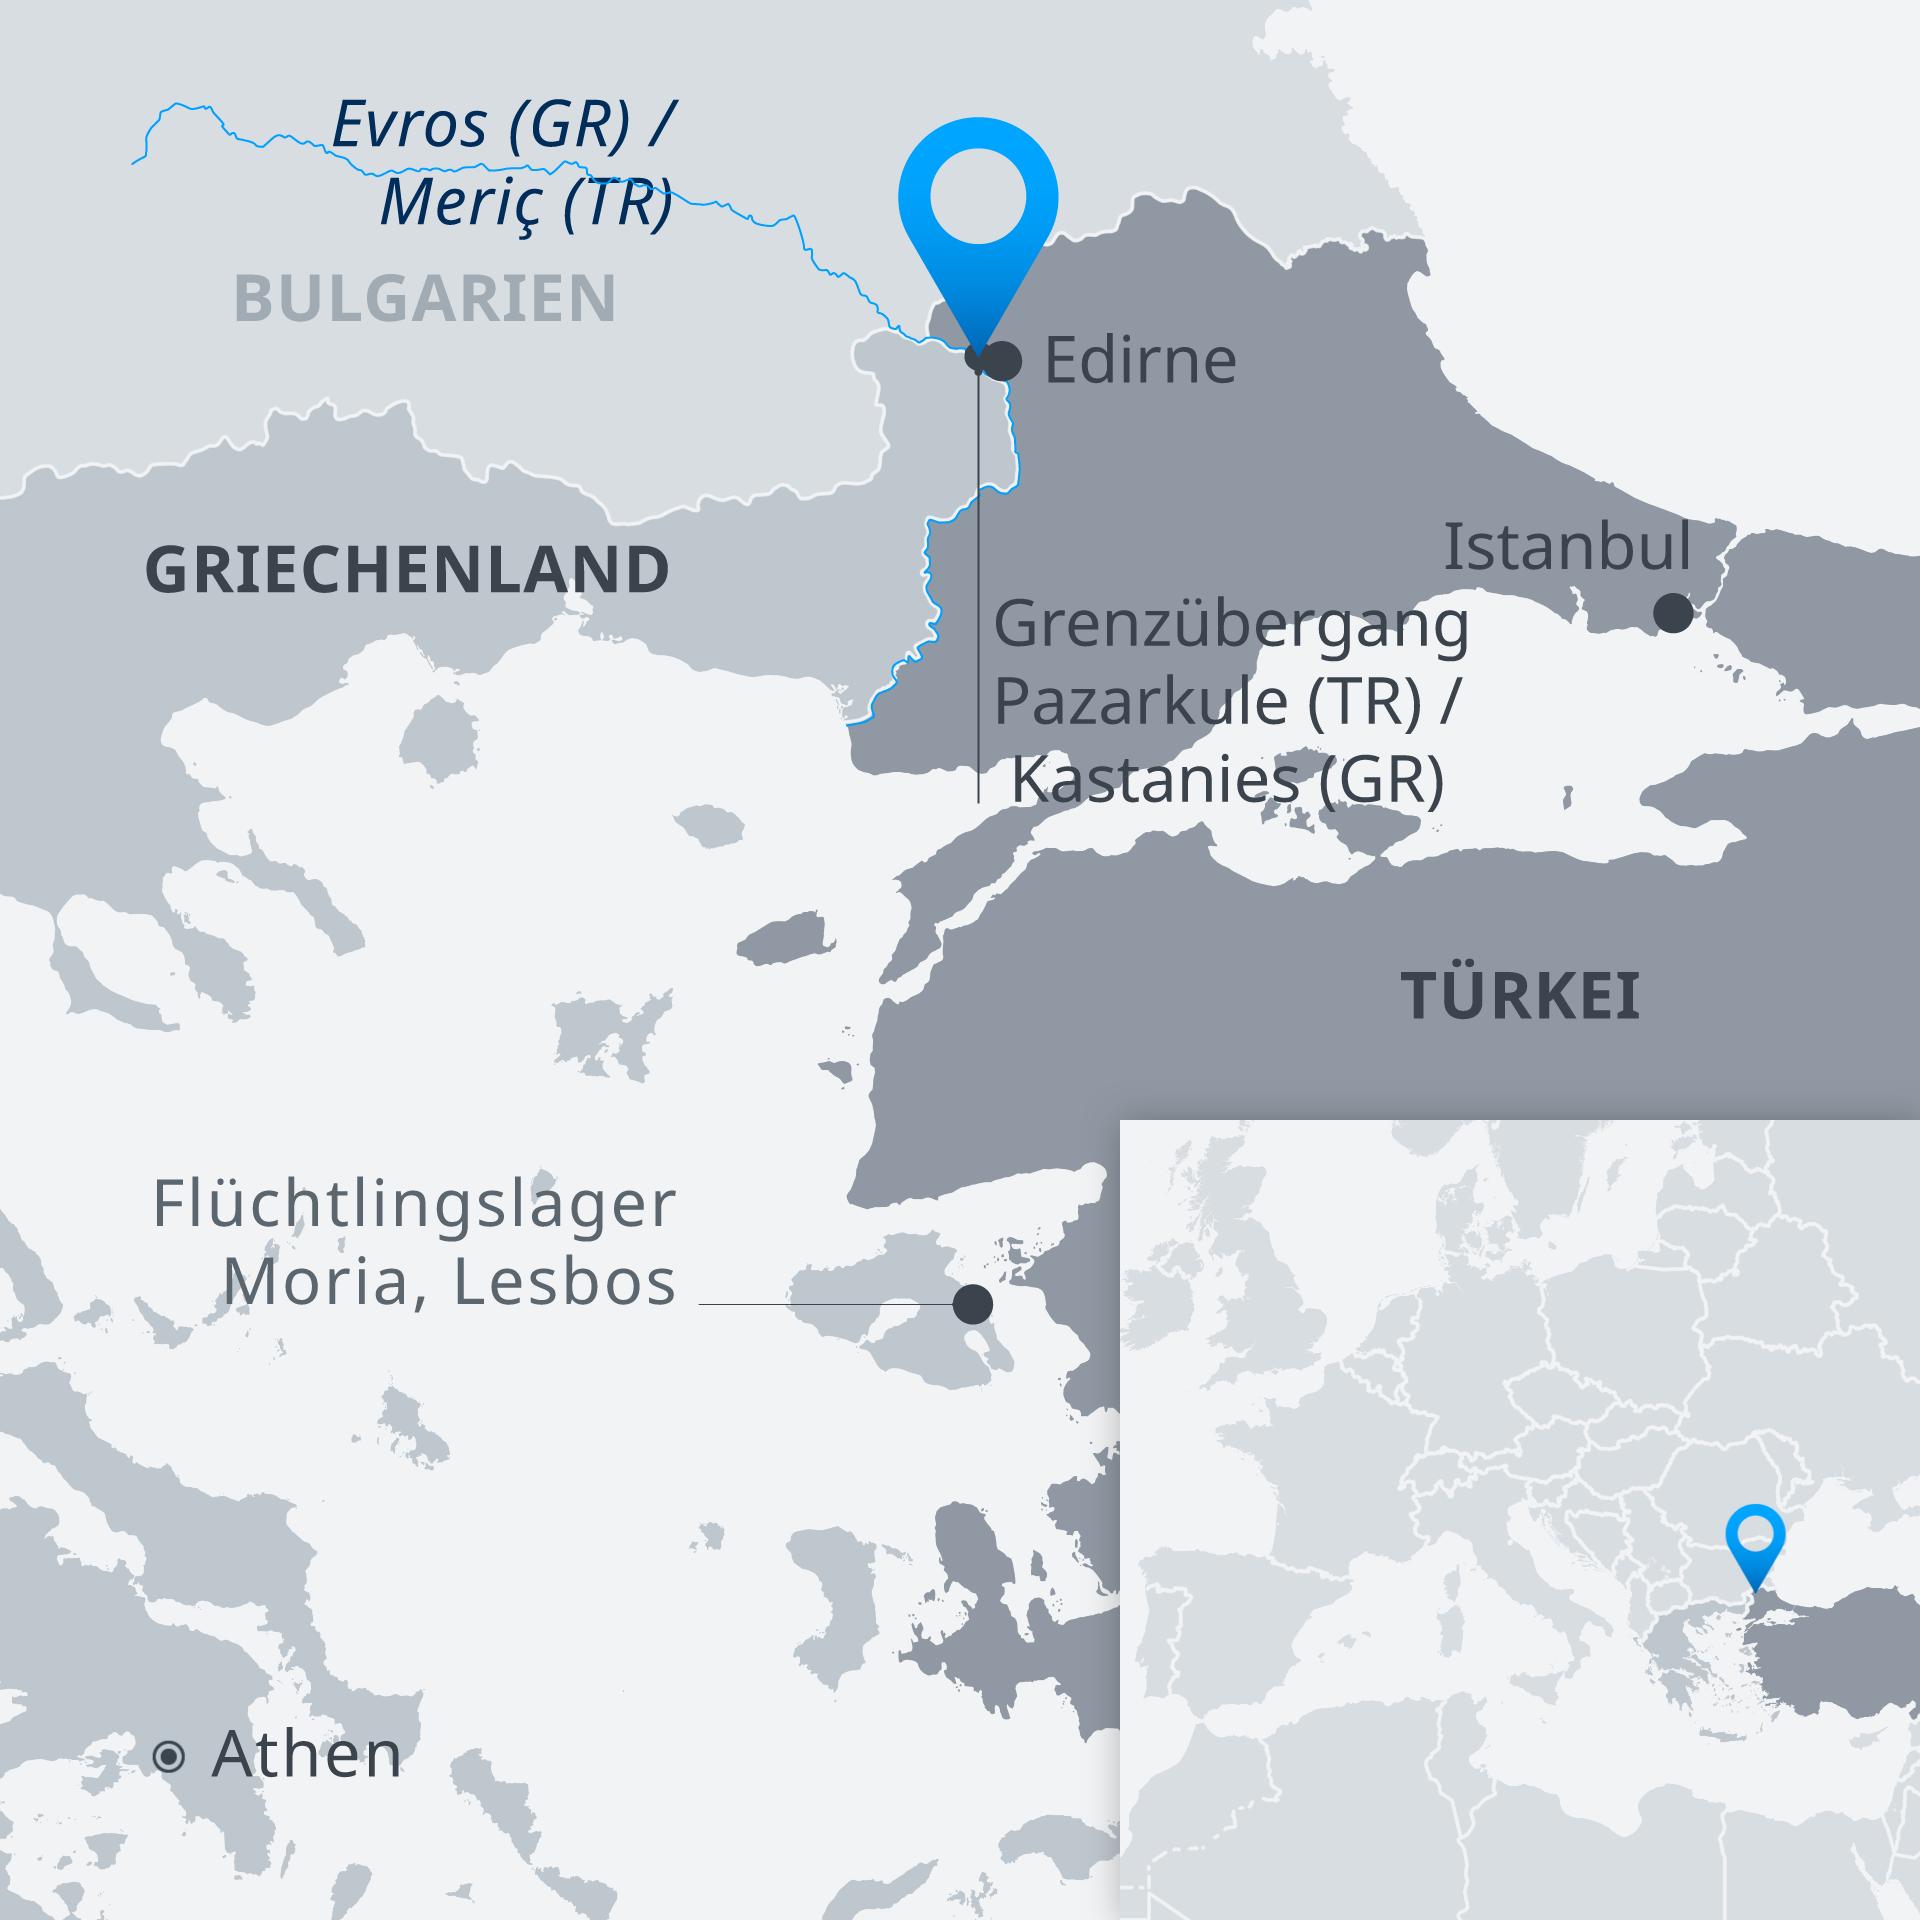 flüchtlingslager griechenland karte Keine Entspannung zwischen Griechenland und Türkei | Aktuell